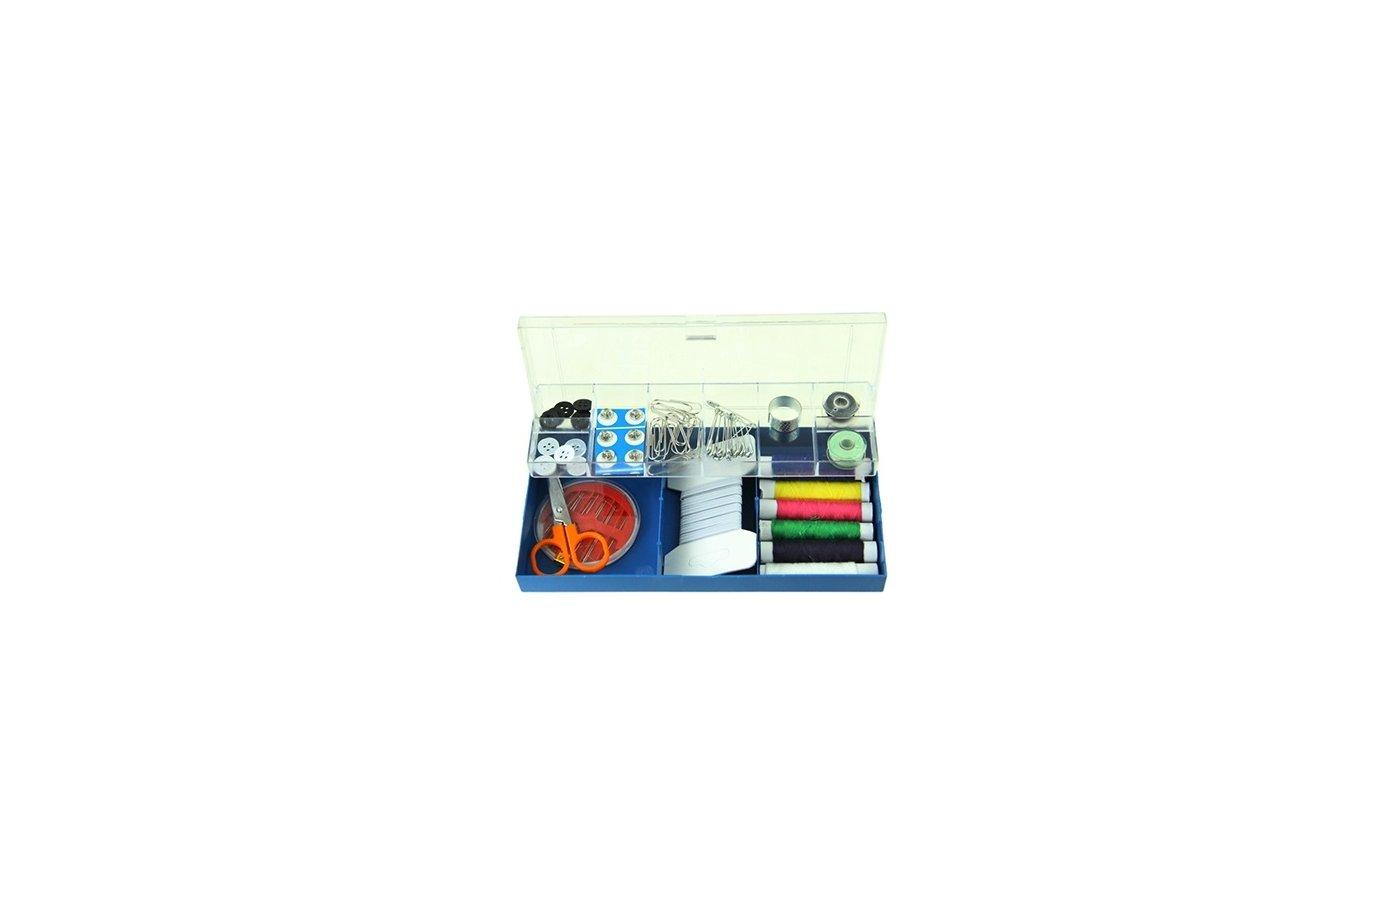 Аксессуары для швейных машин 308-114 Набор для шитья (нитки шпульки кнопки булавки ножницы иголки) 175х4х9см в плас. кор.